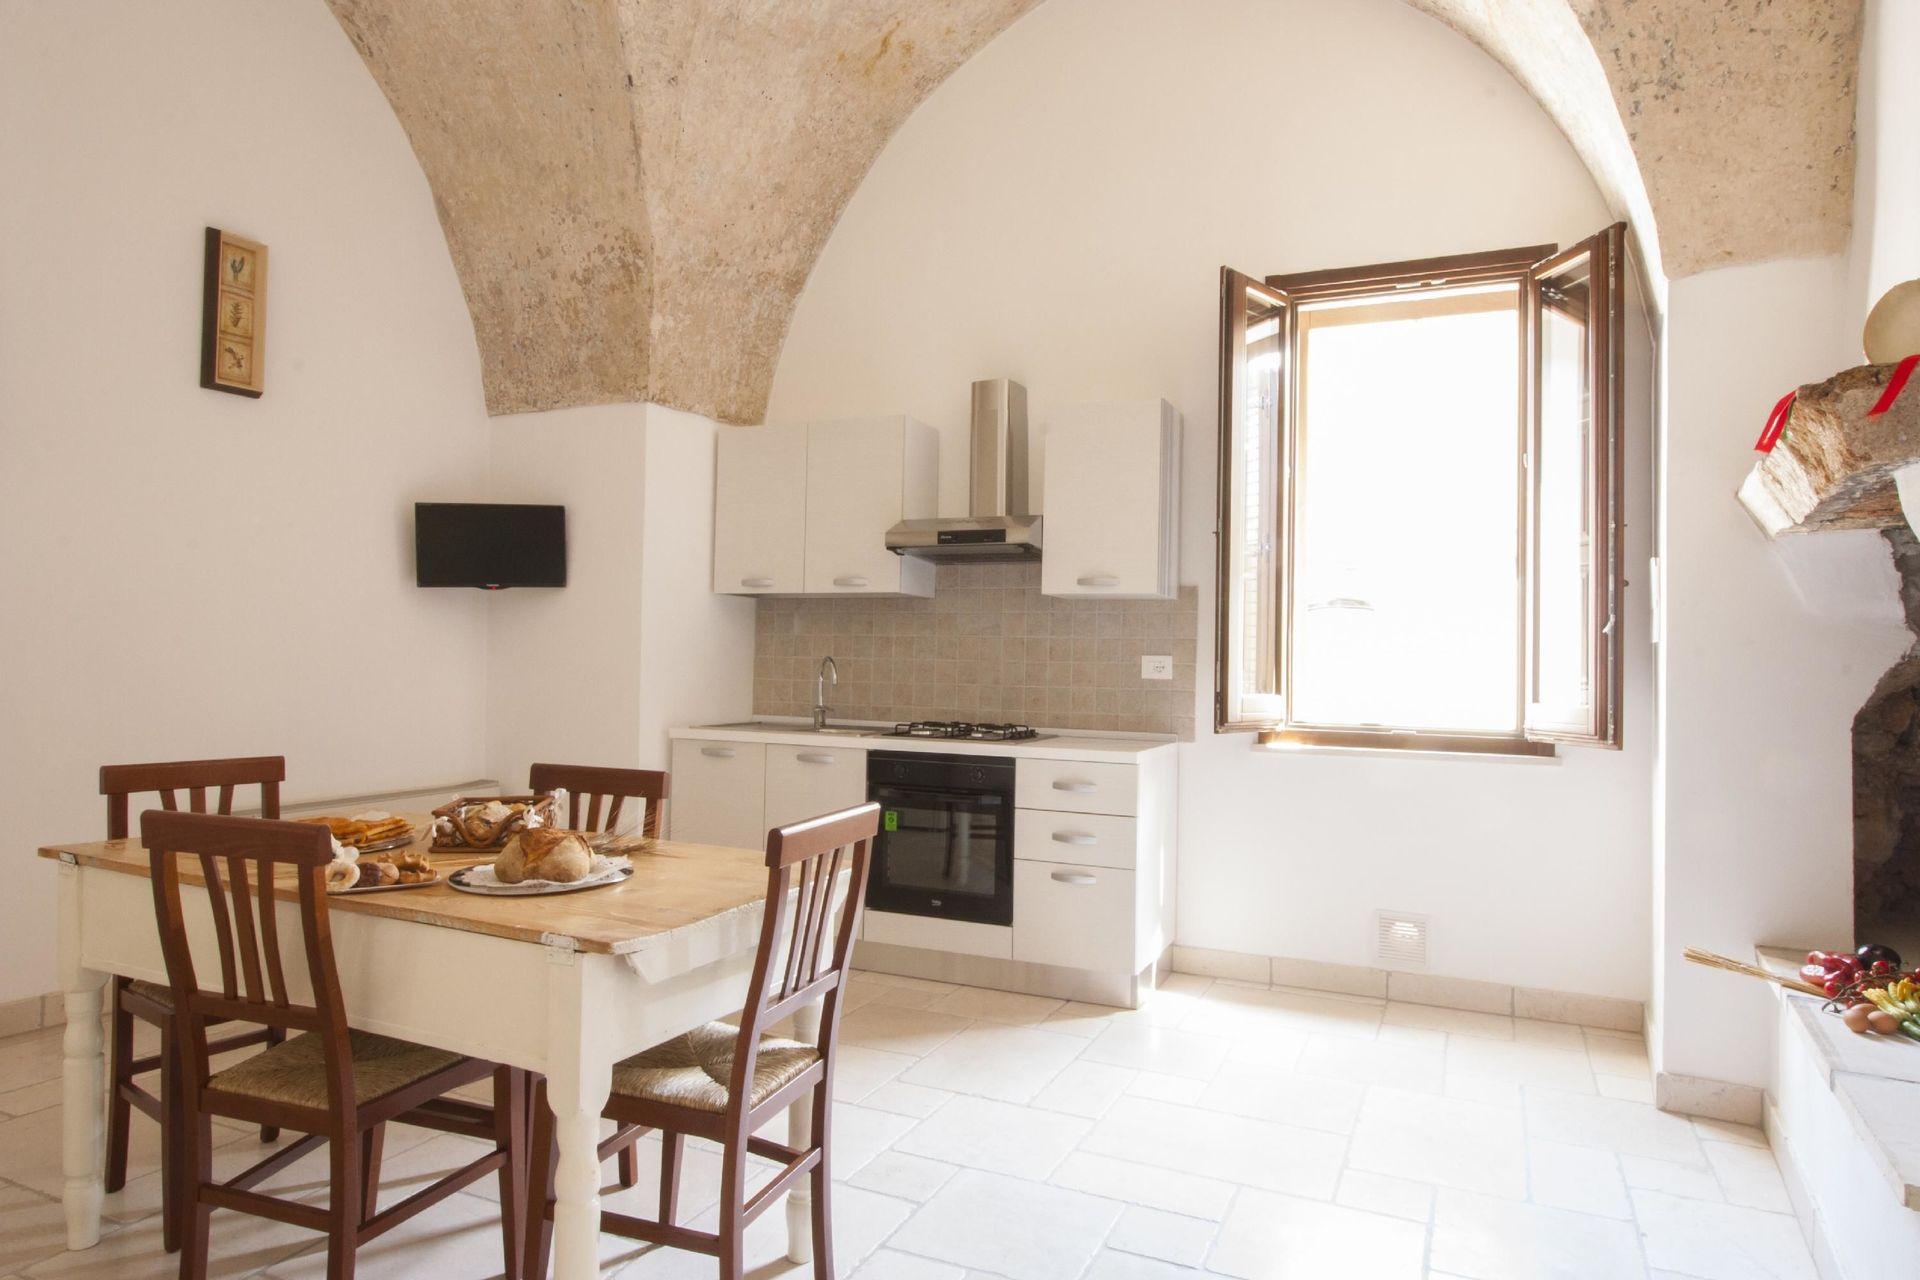 Camere Da Letto Faber.Faber Posti Letto 2 In 1 Camere Casa Vacanza A Racale Puglia